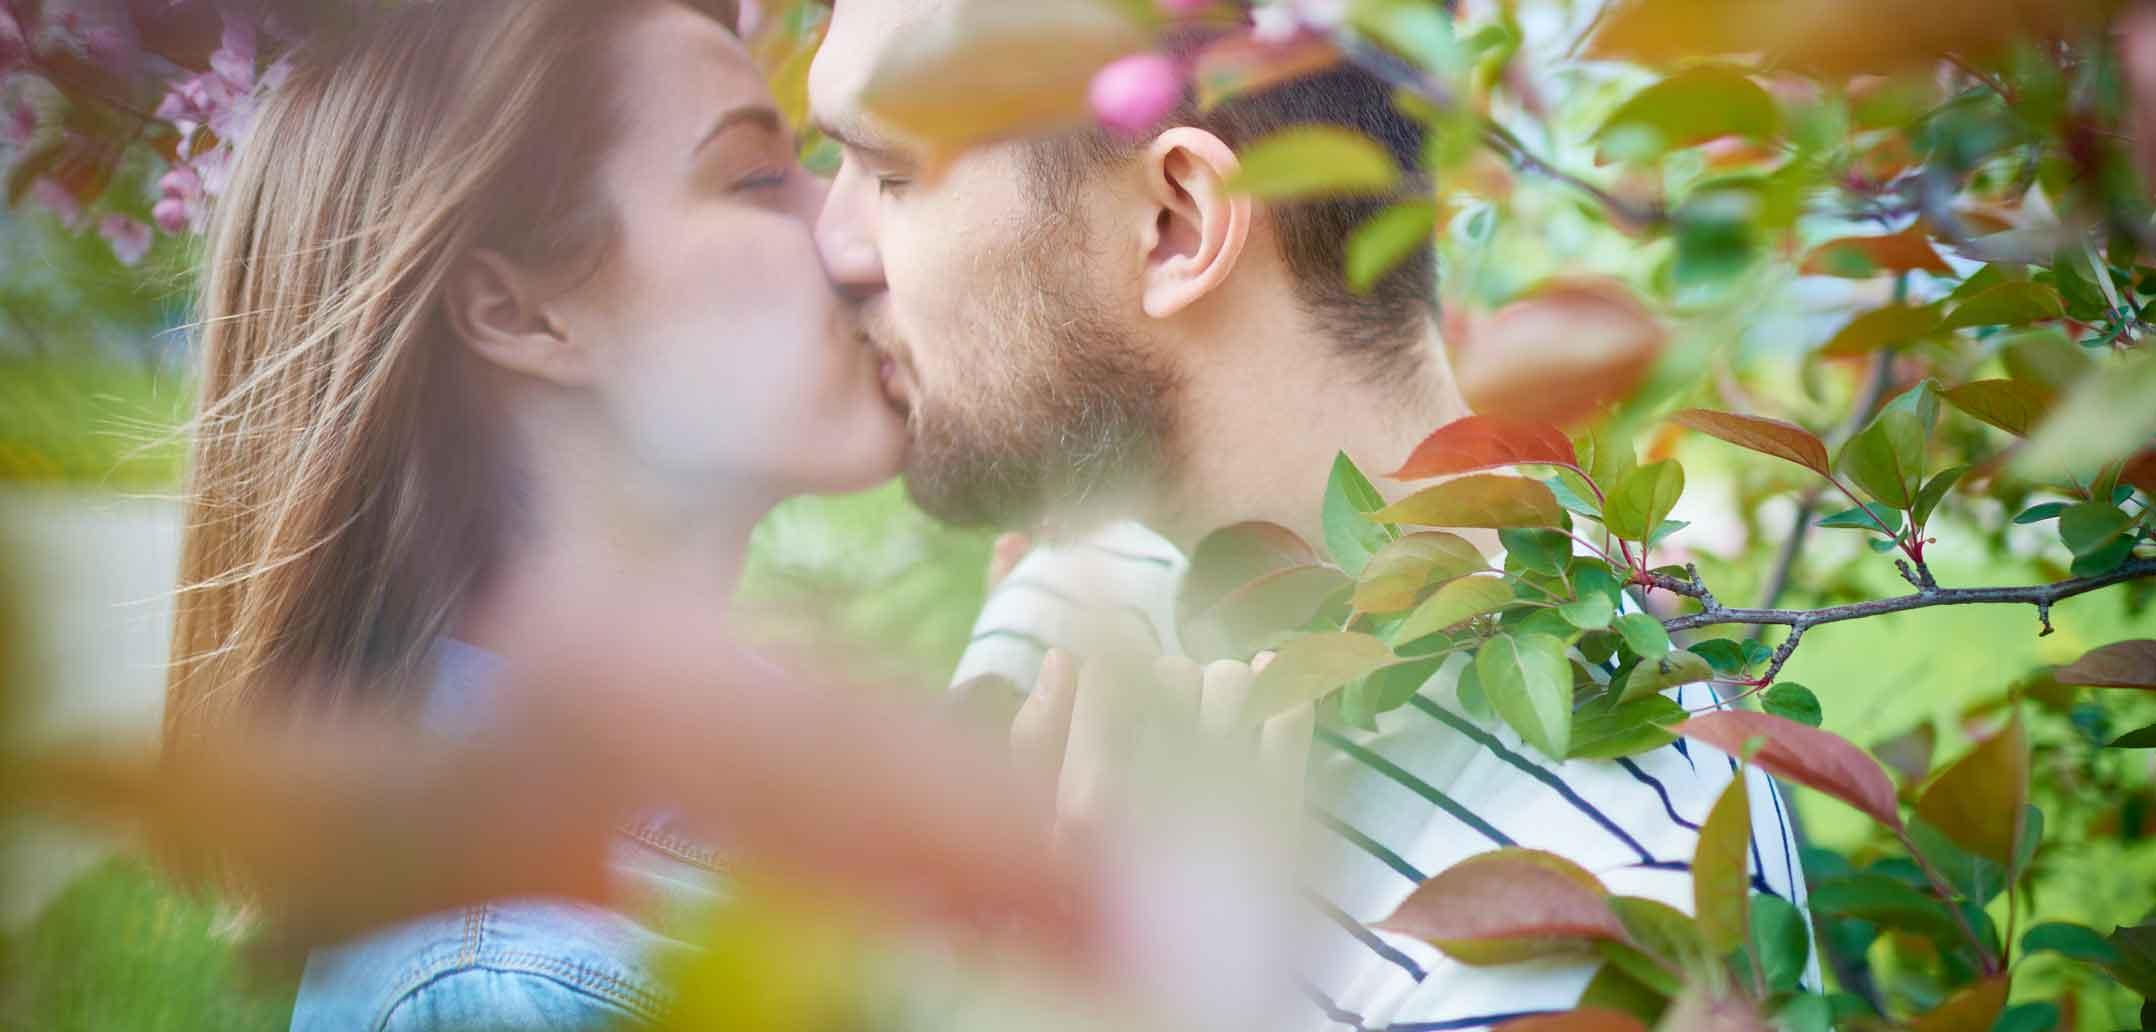 6 romantische geschenke f r ihren partner beziehungsweise for Romantische geschenke